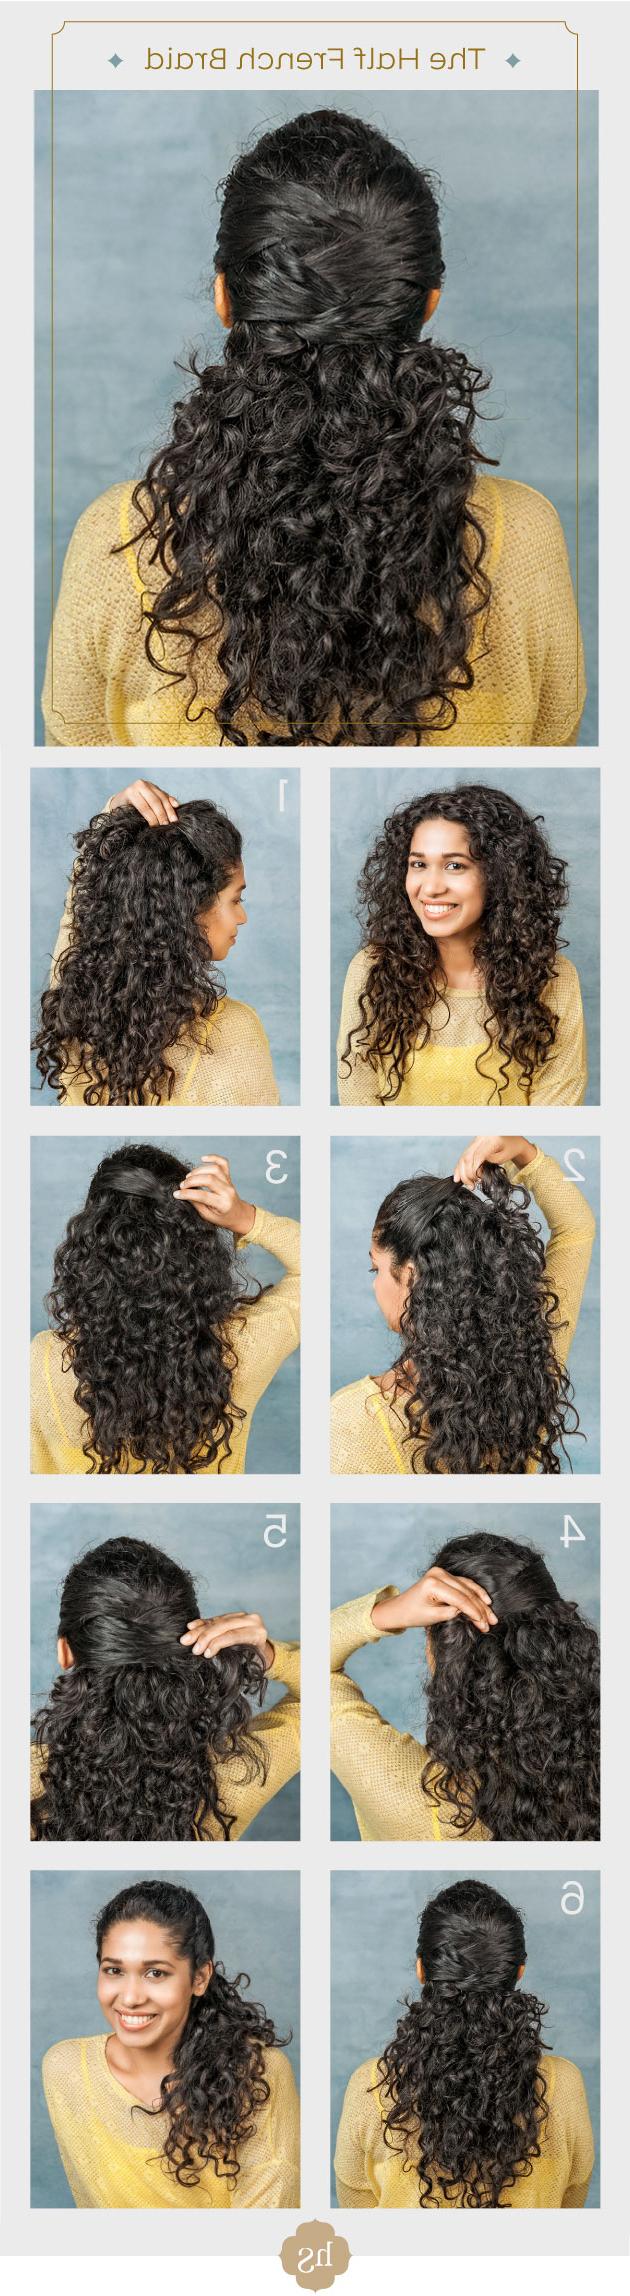 Hairsutras (Gallery 20 of 20)